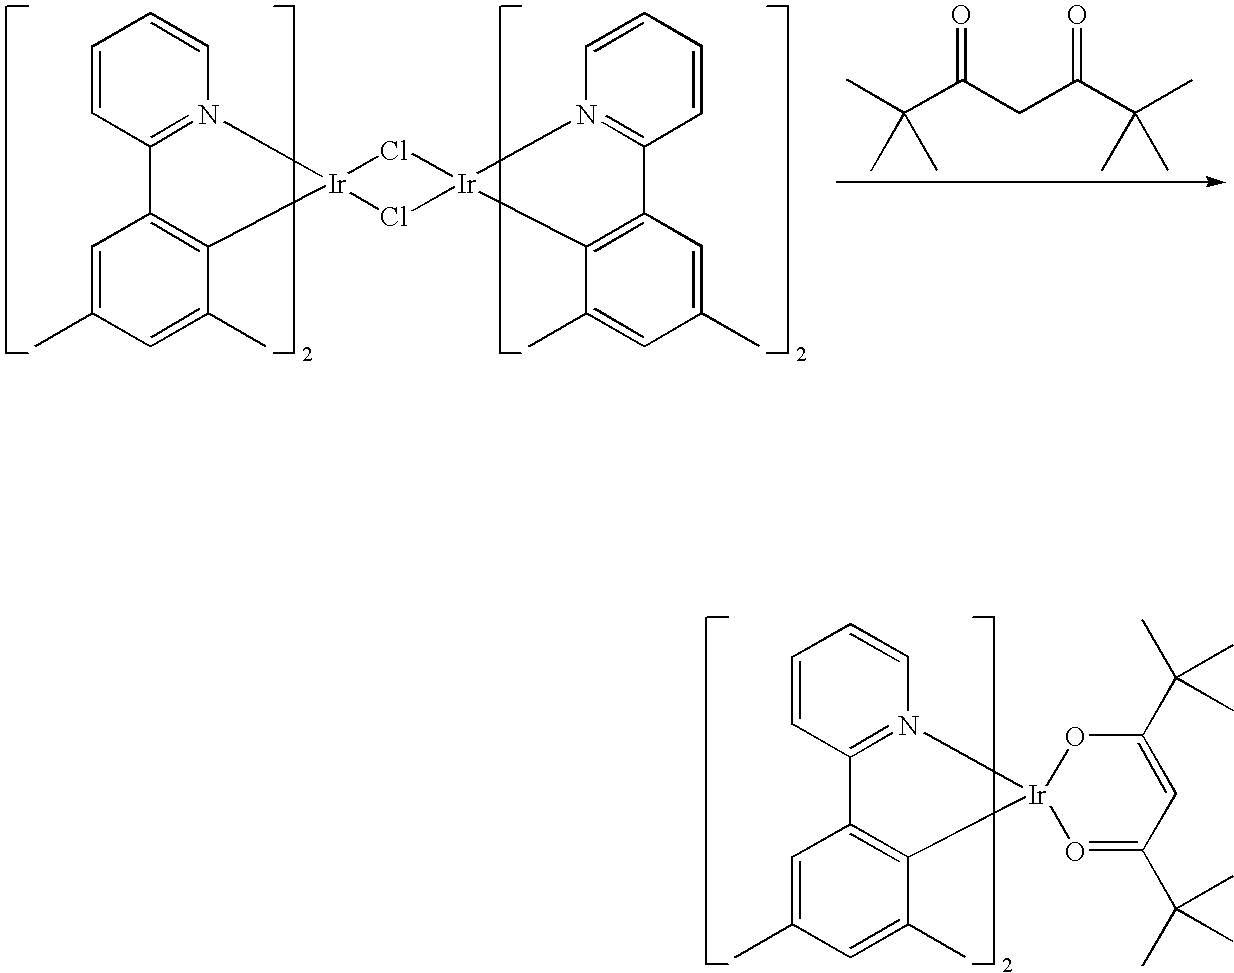 Figure US20090108737A1-20090430-C00183